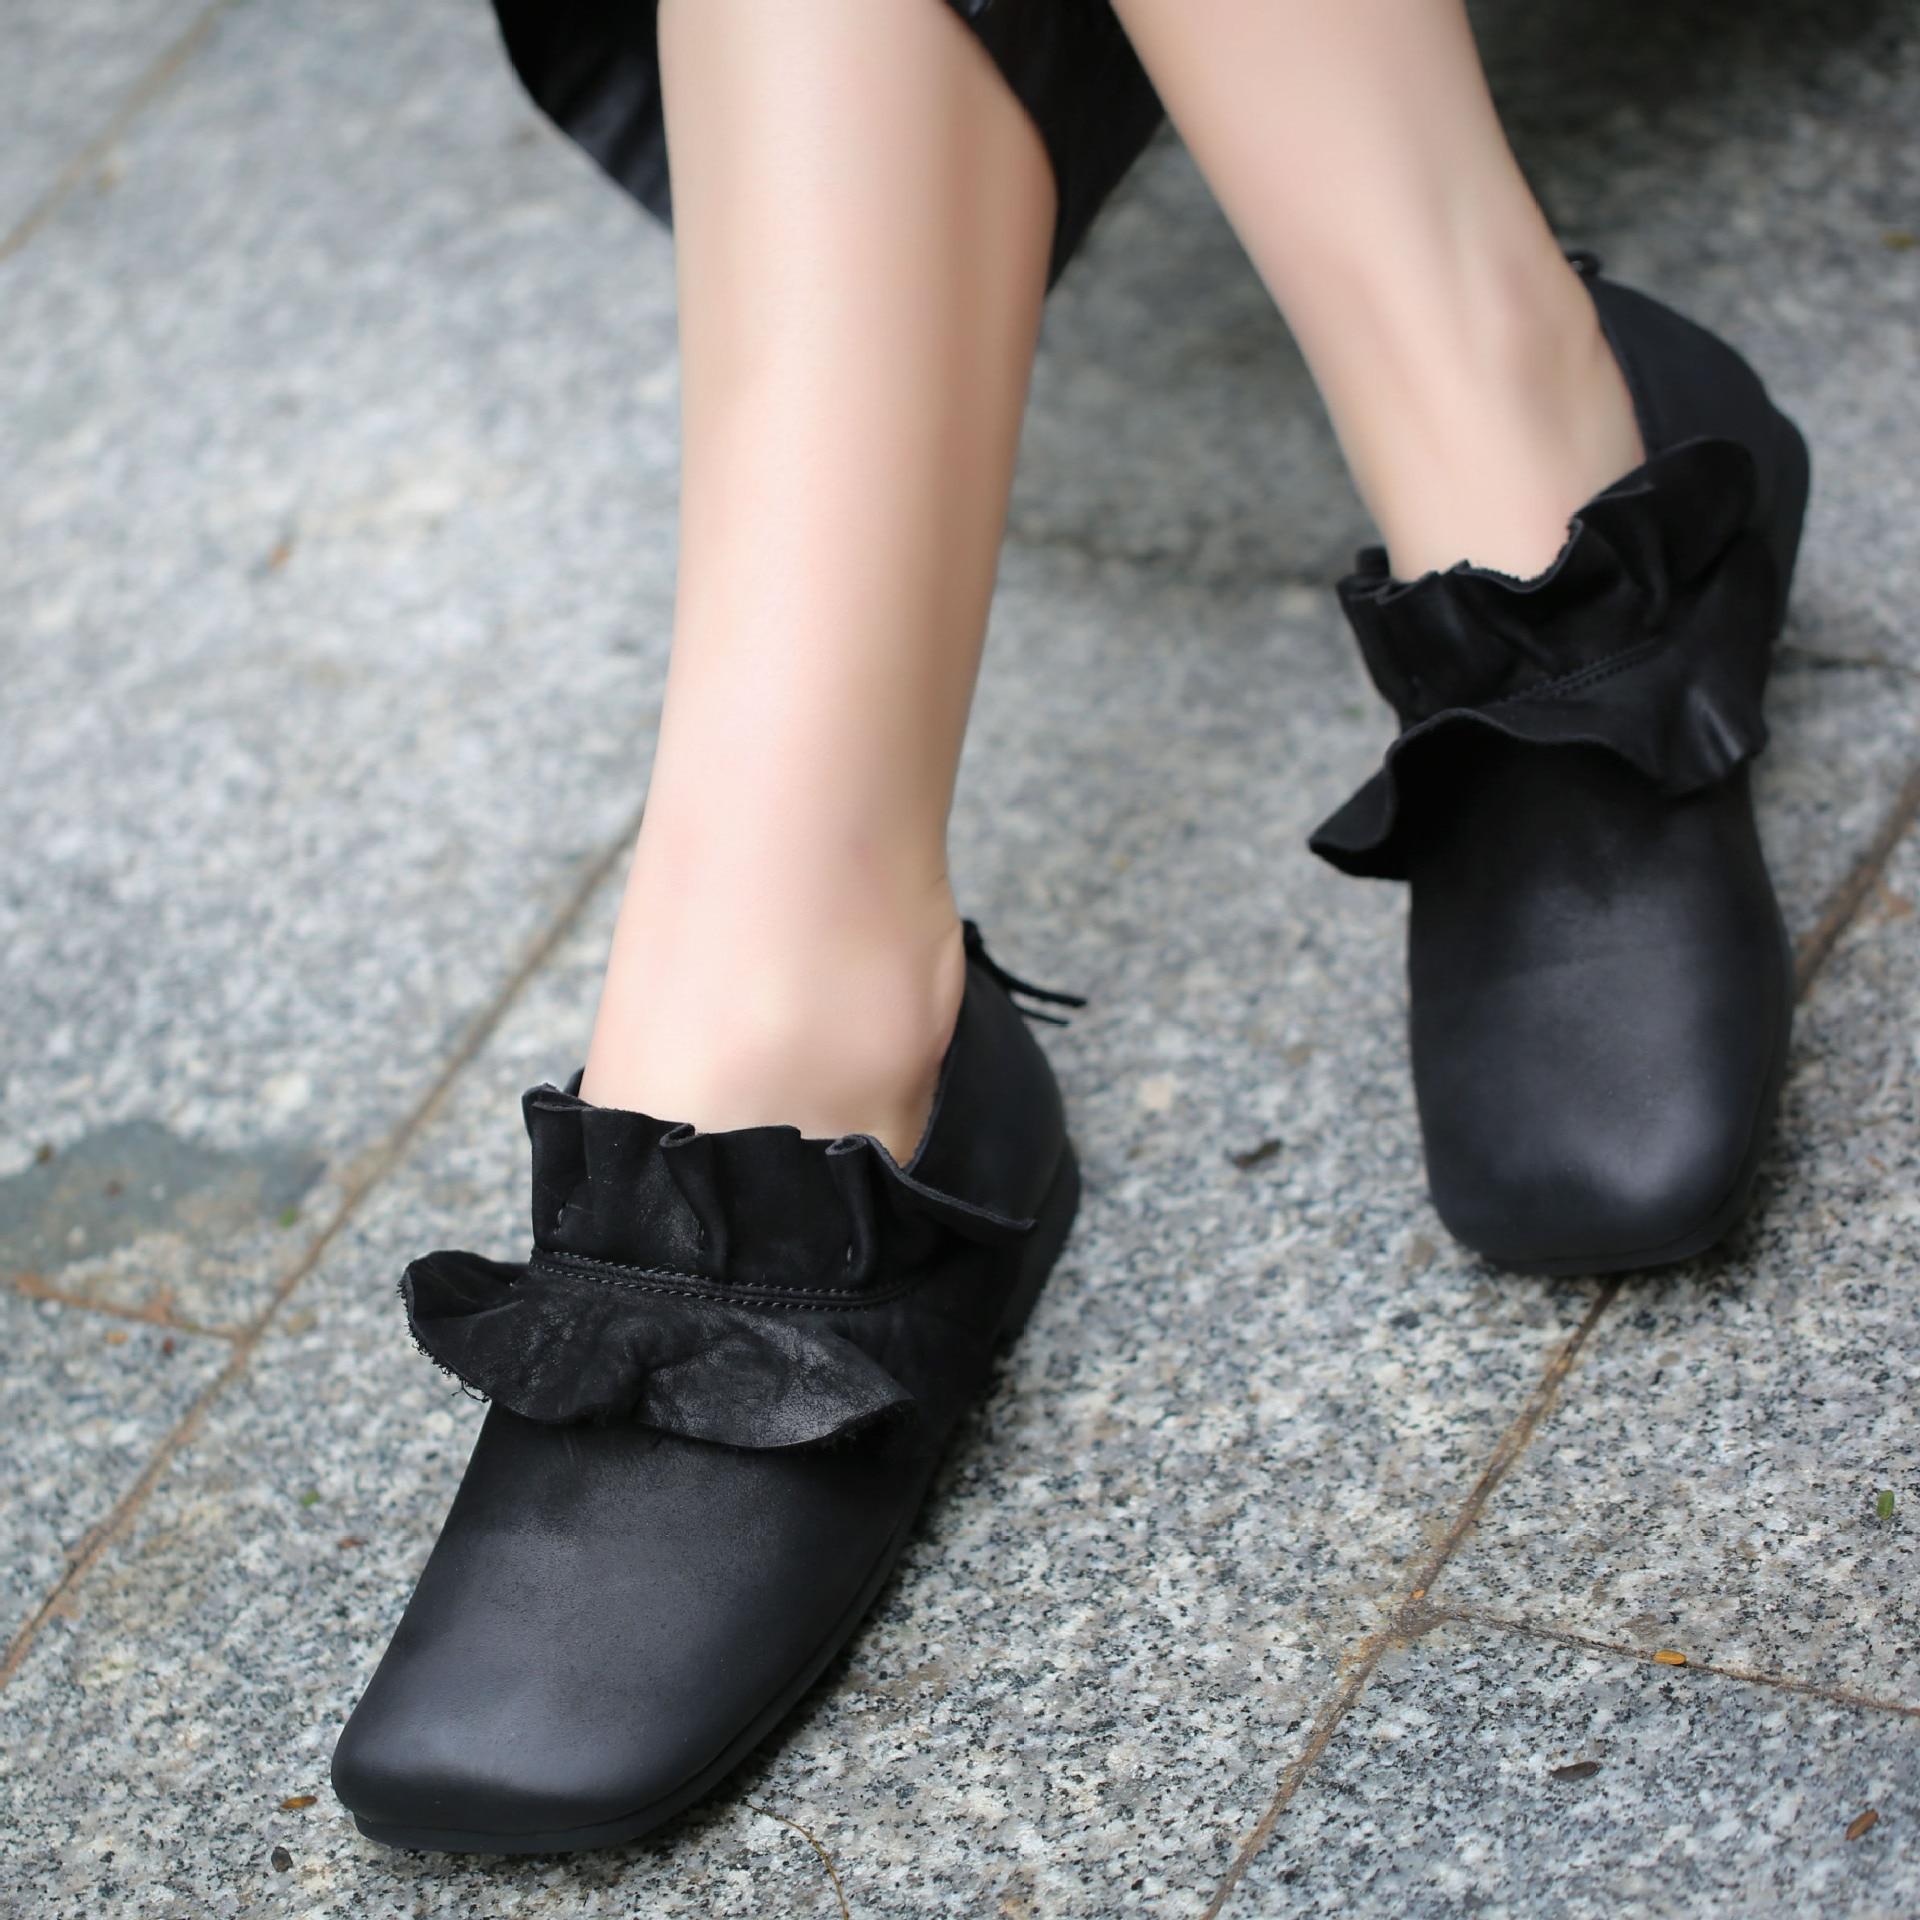 2019 chaussures en cuir givré à la main femmes chaussures plates sans lacet mocassins noirs femmes mocassins en cuir véritable